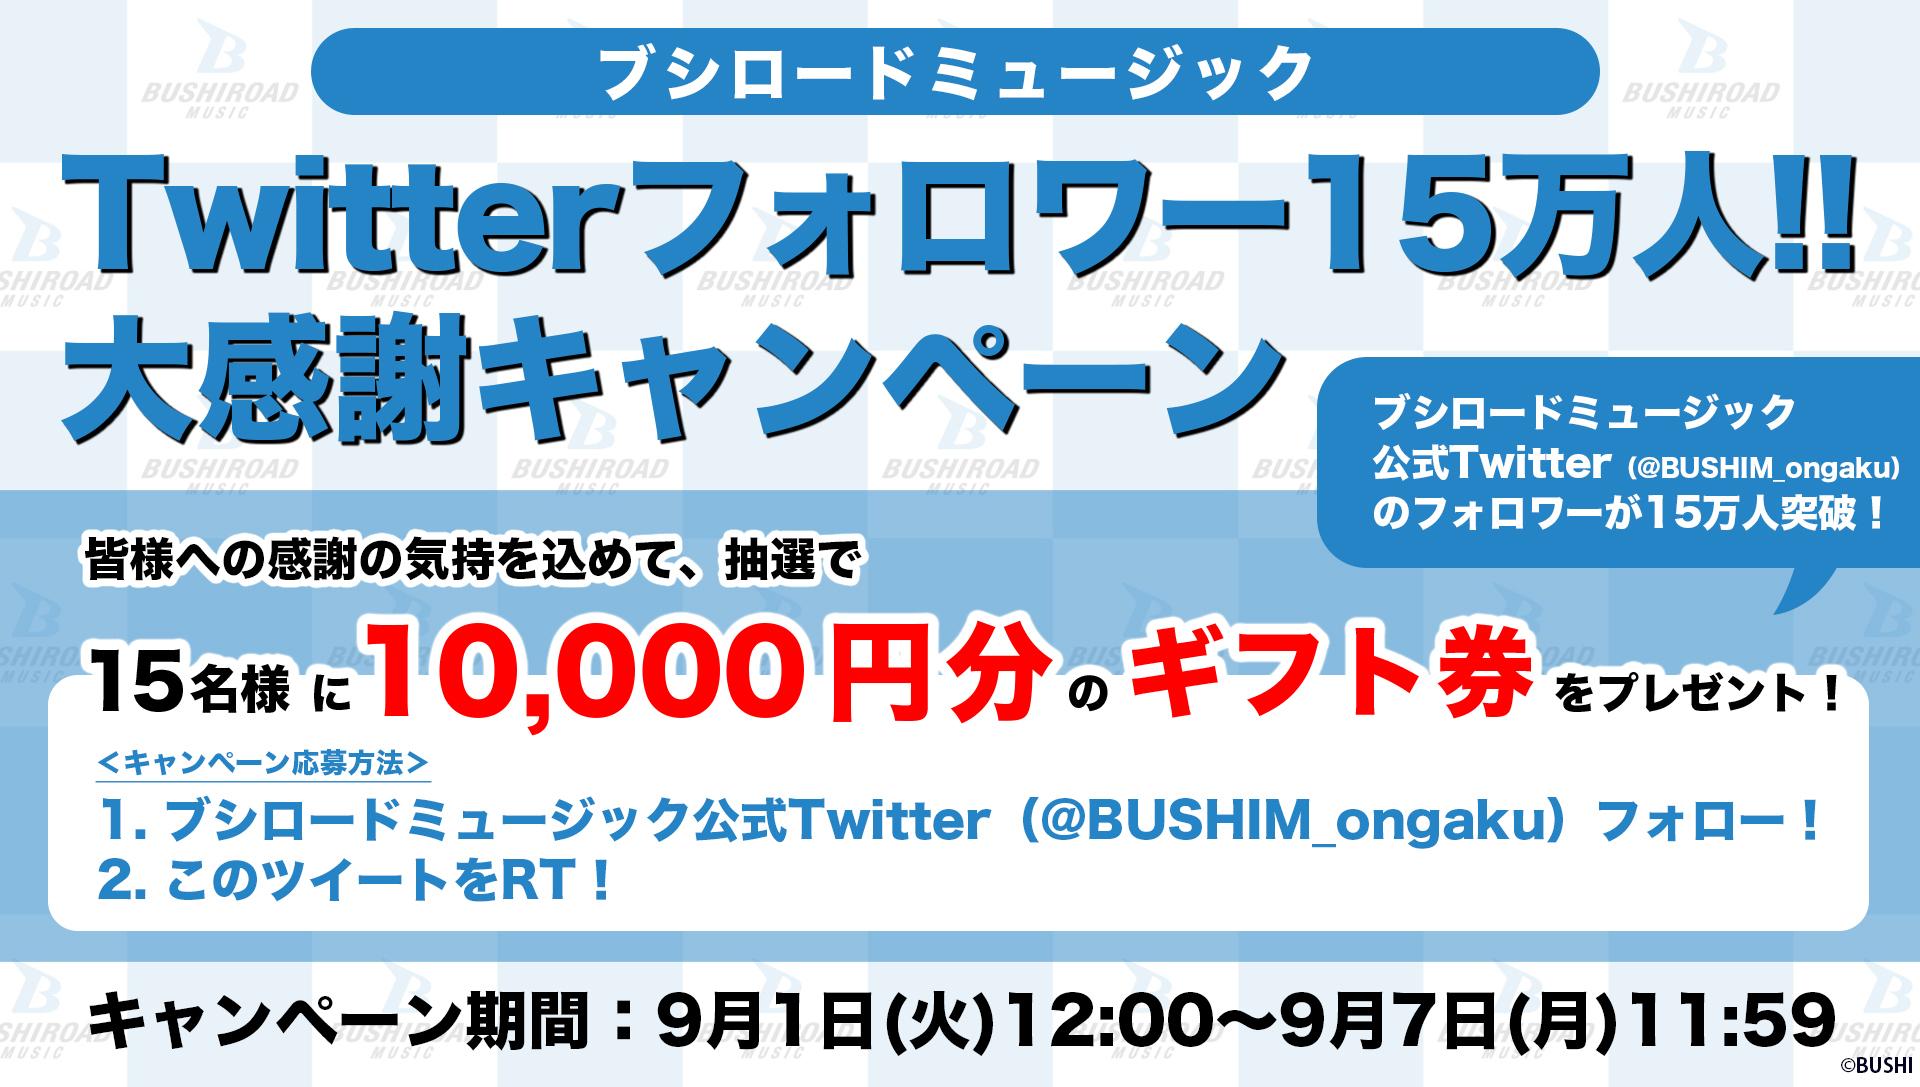 Twitterフォロワー15万人大感謝キャンペーン開催!